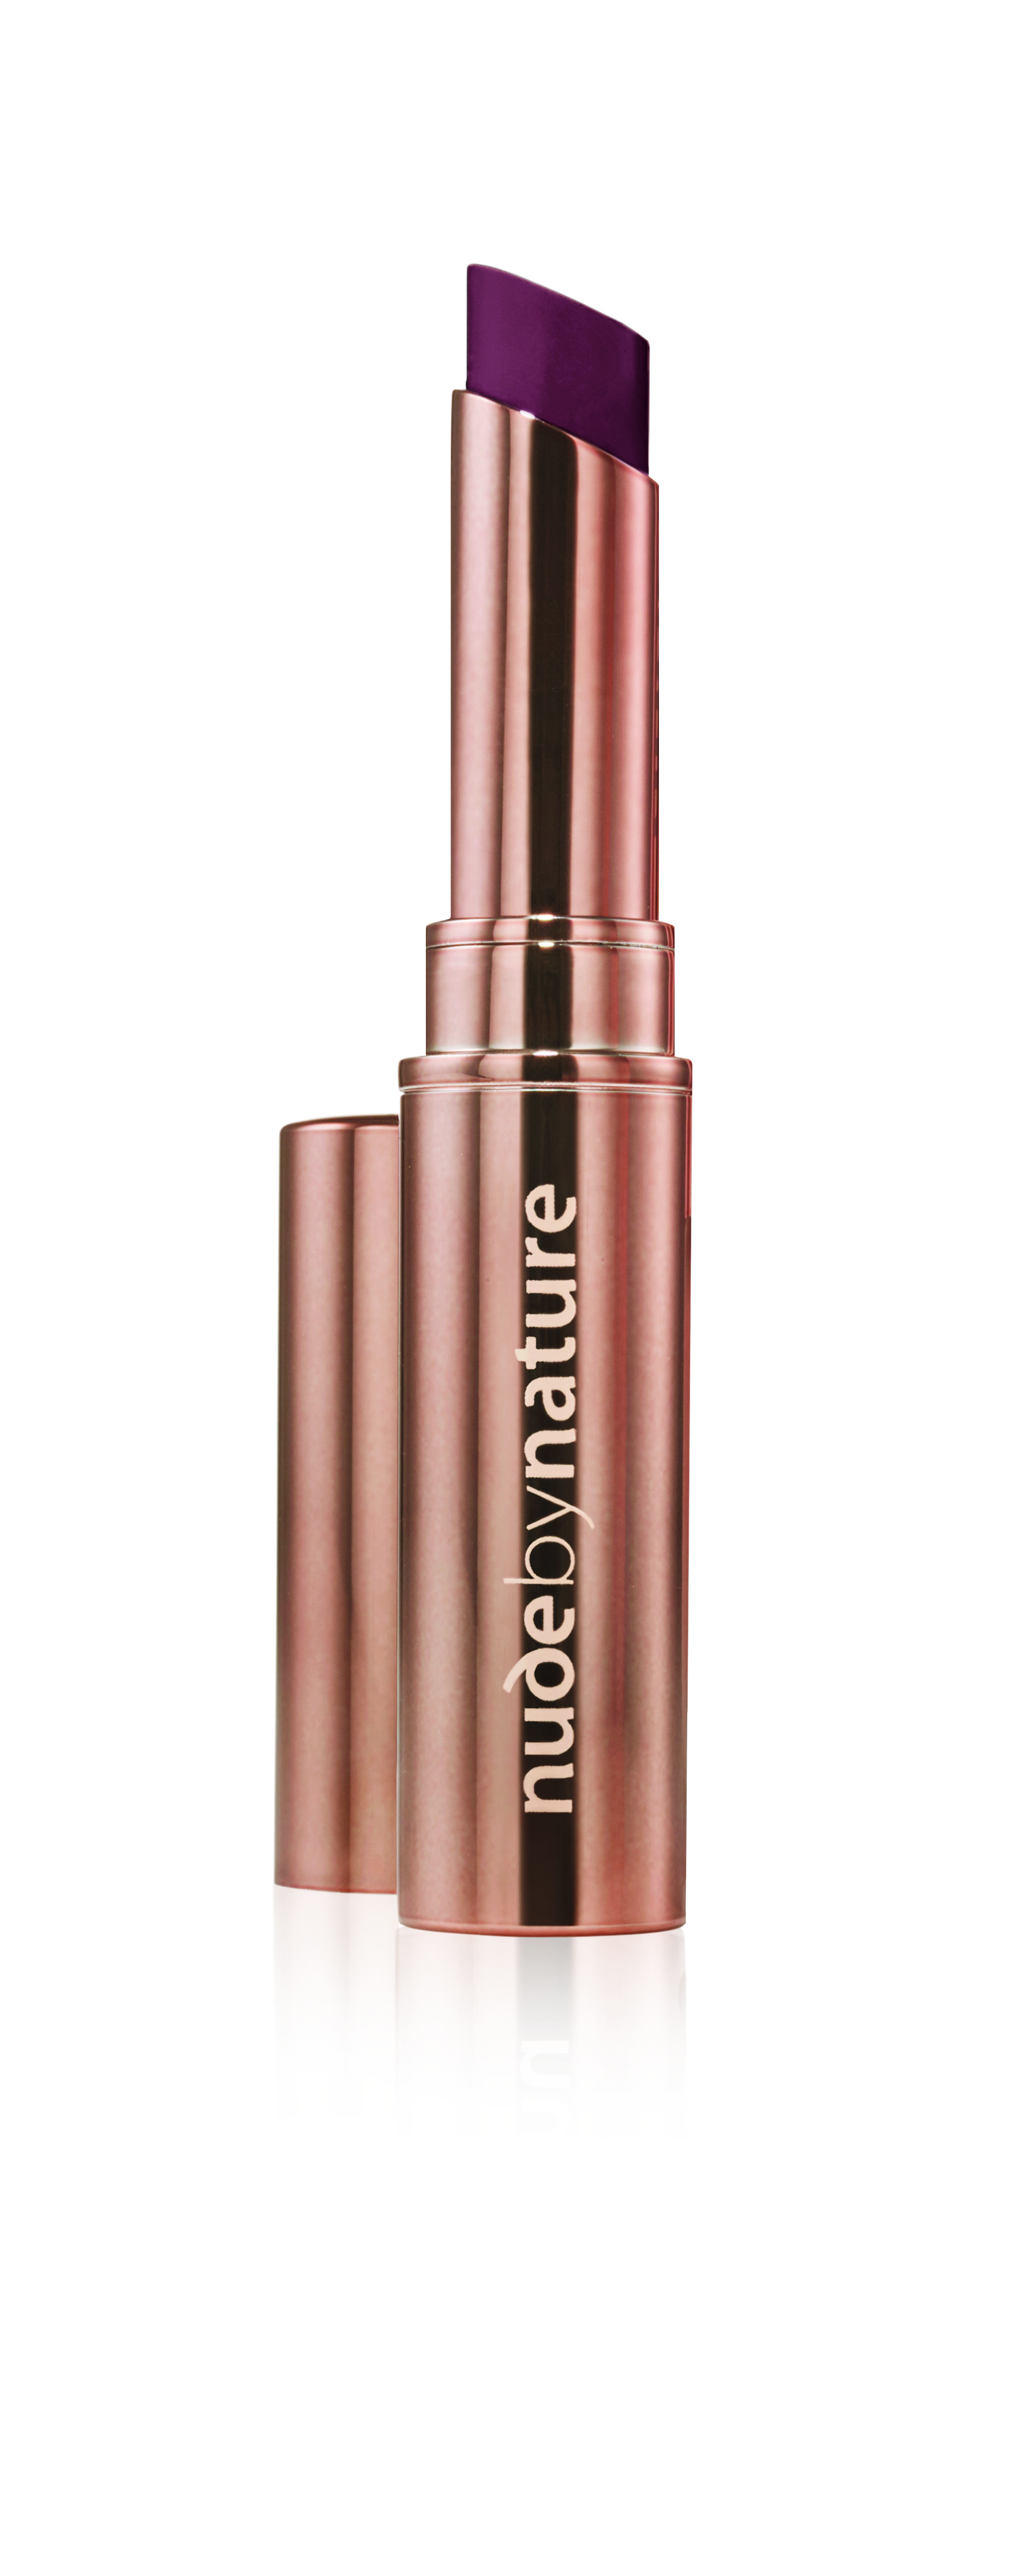 Nude by Nature - Creamy Matte Lipstick - 10 Aubergine